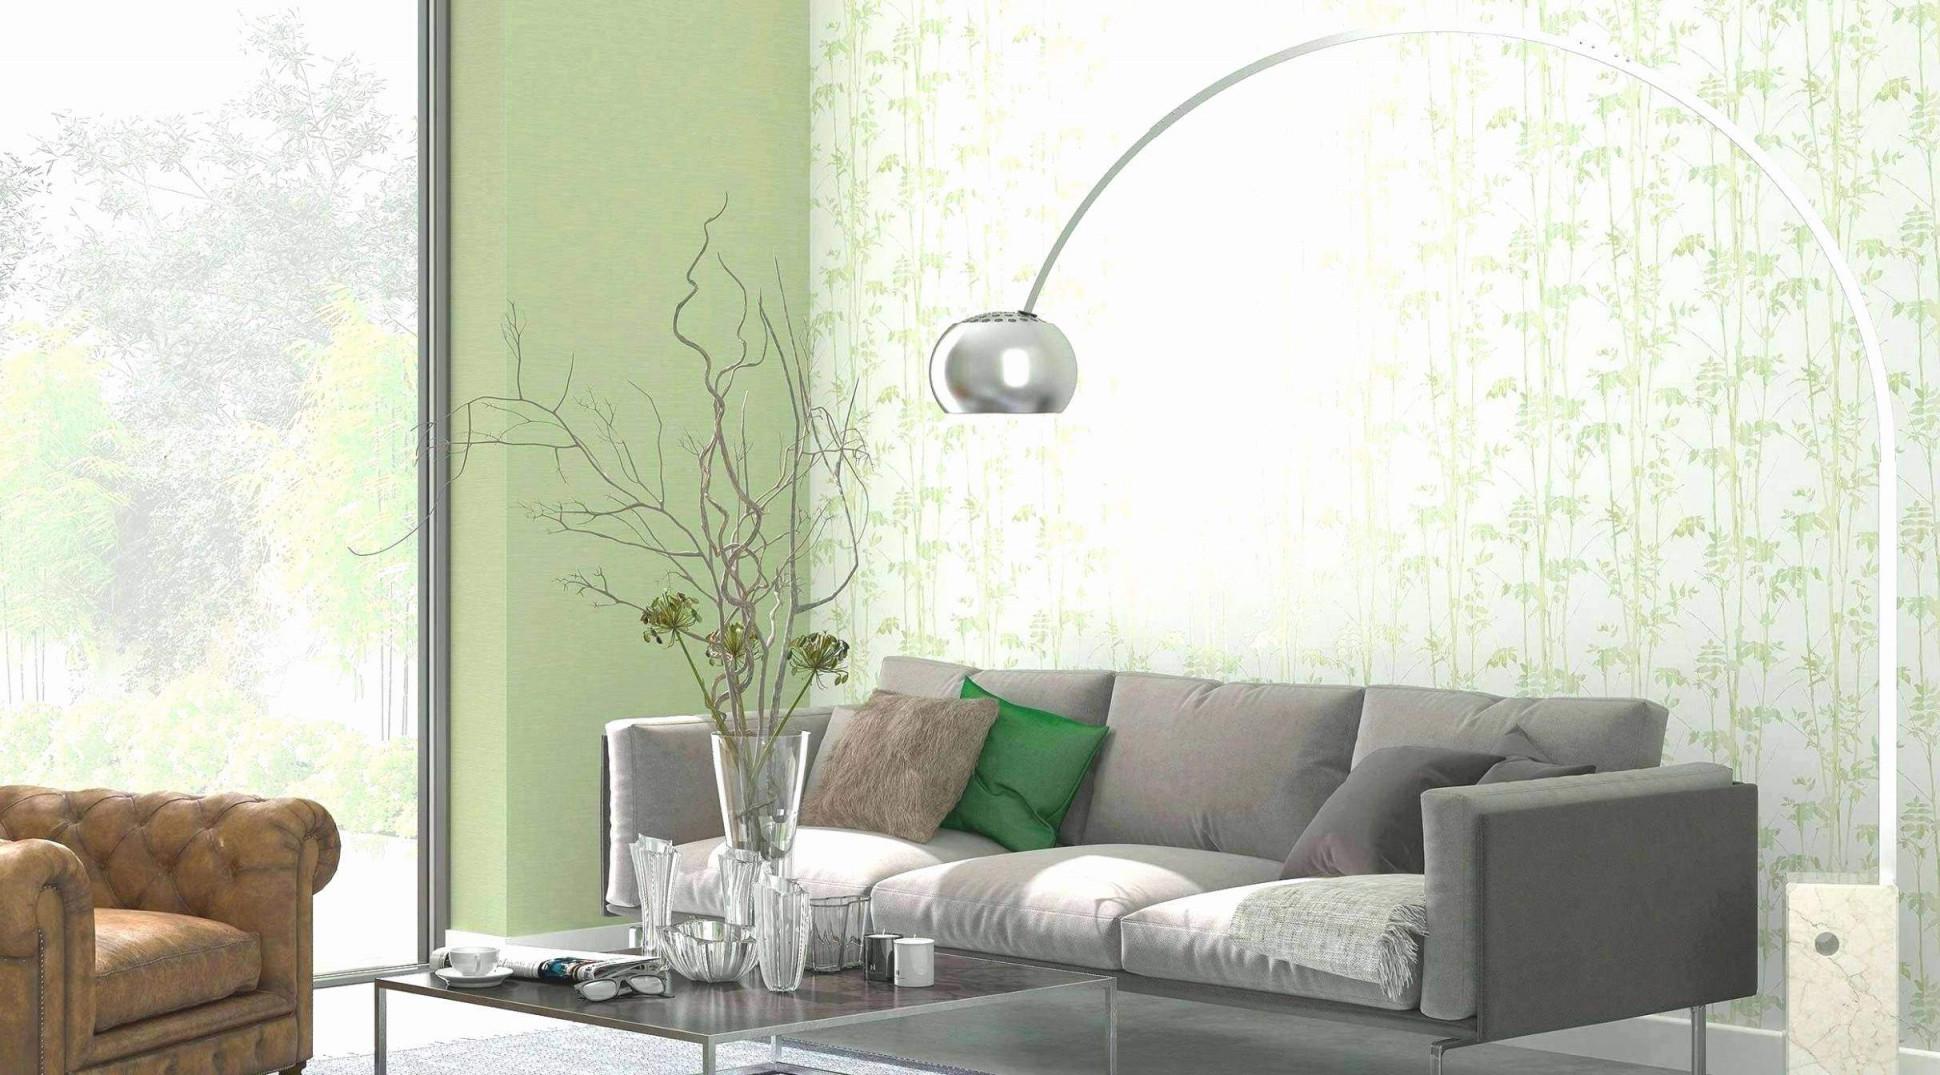 Braun Und Grau Kombinieren Wohnzimmer Elegant Schön Graue von Tapeten Wohnzimmer Brauntöne Bild